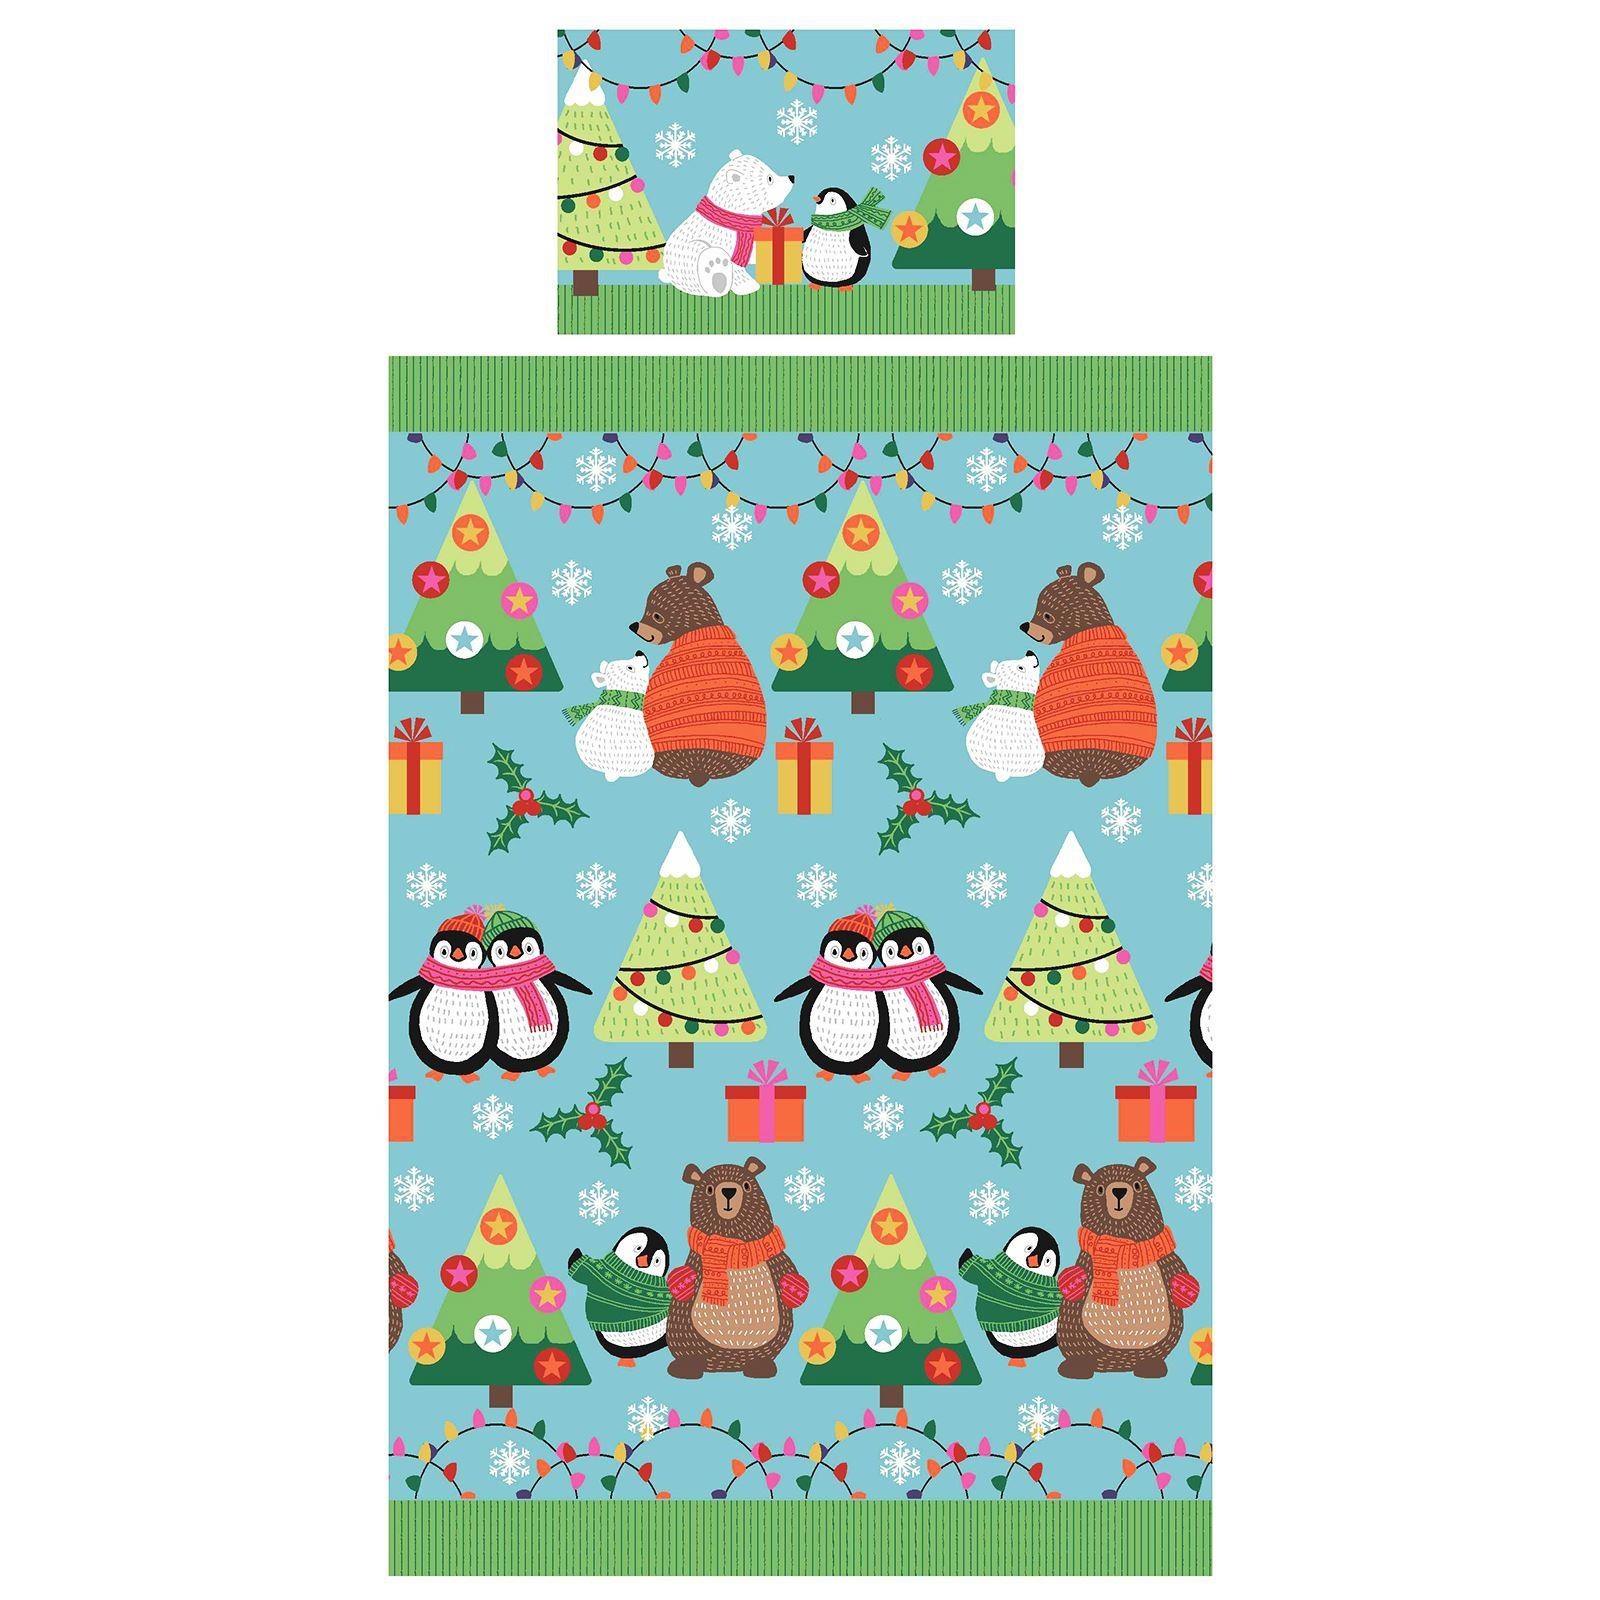 Indexbild 98 - Kinder Weihnachten Bettbezug Sets - Junior Einzel Doppel King - Elf Emoji Grinch